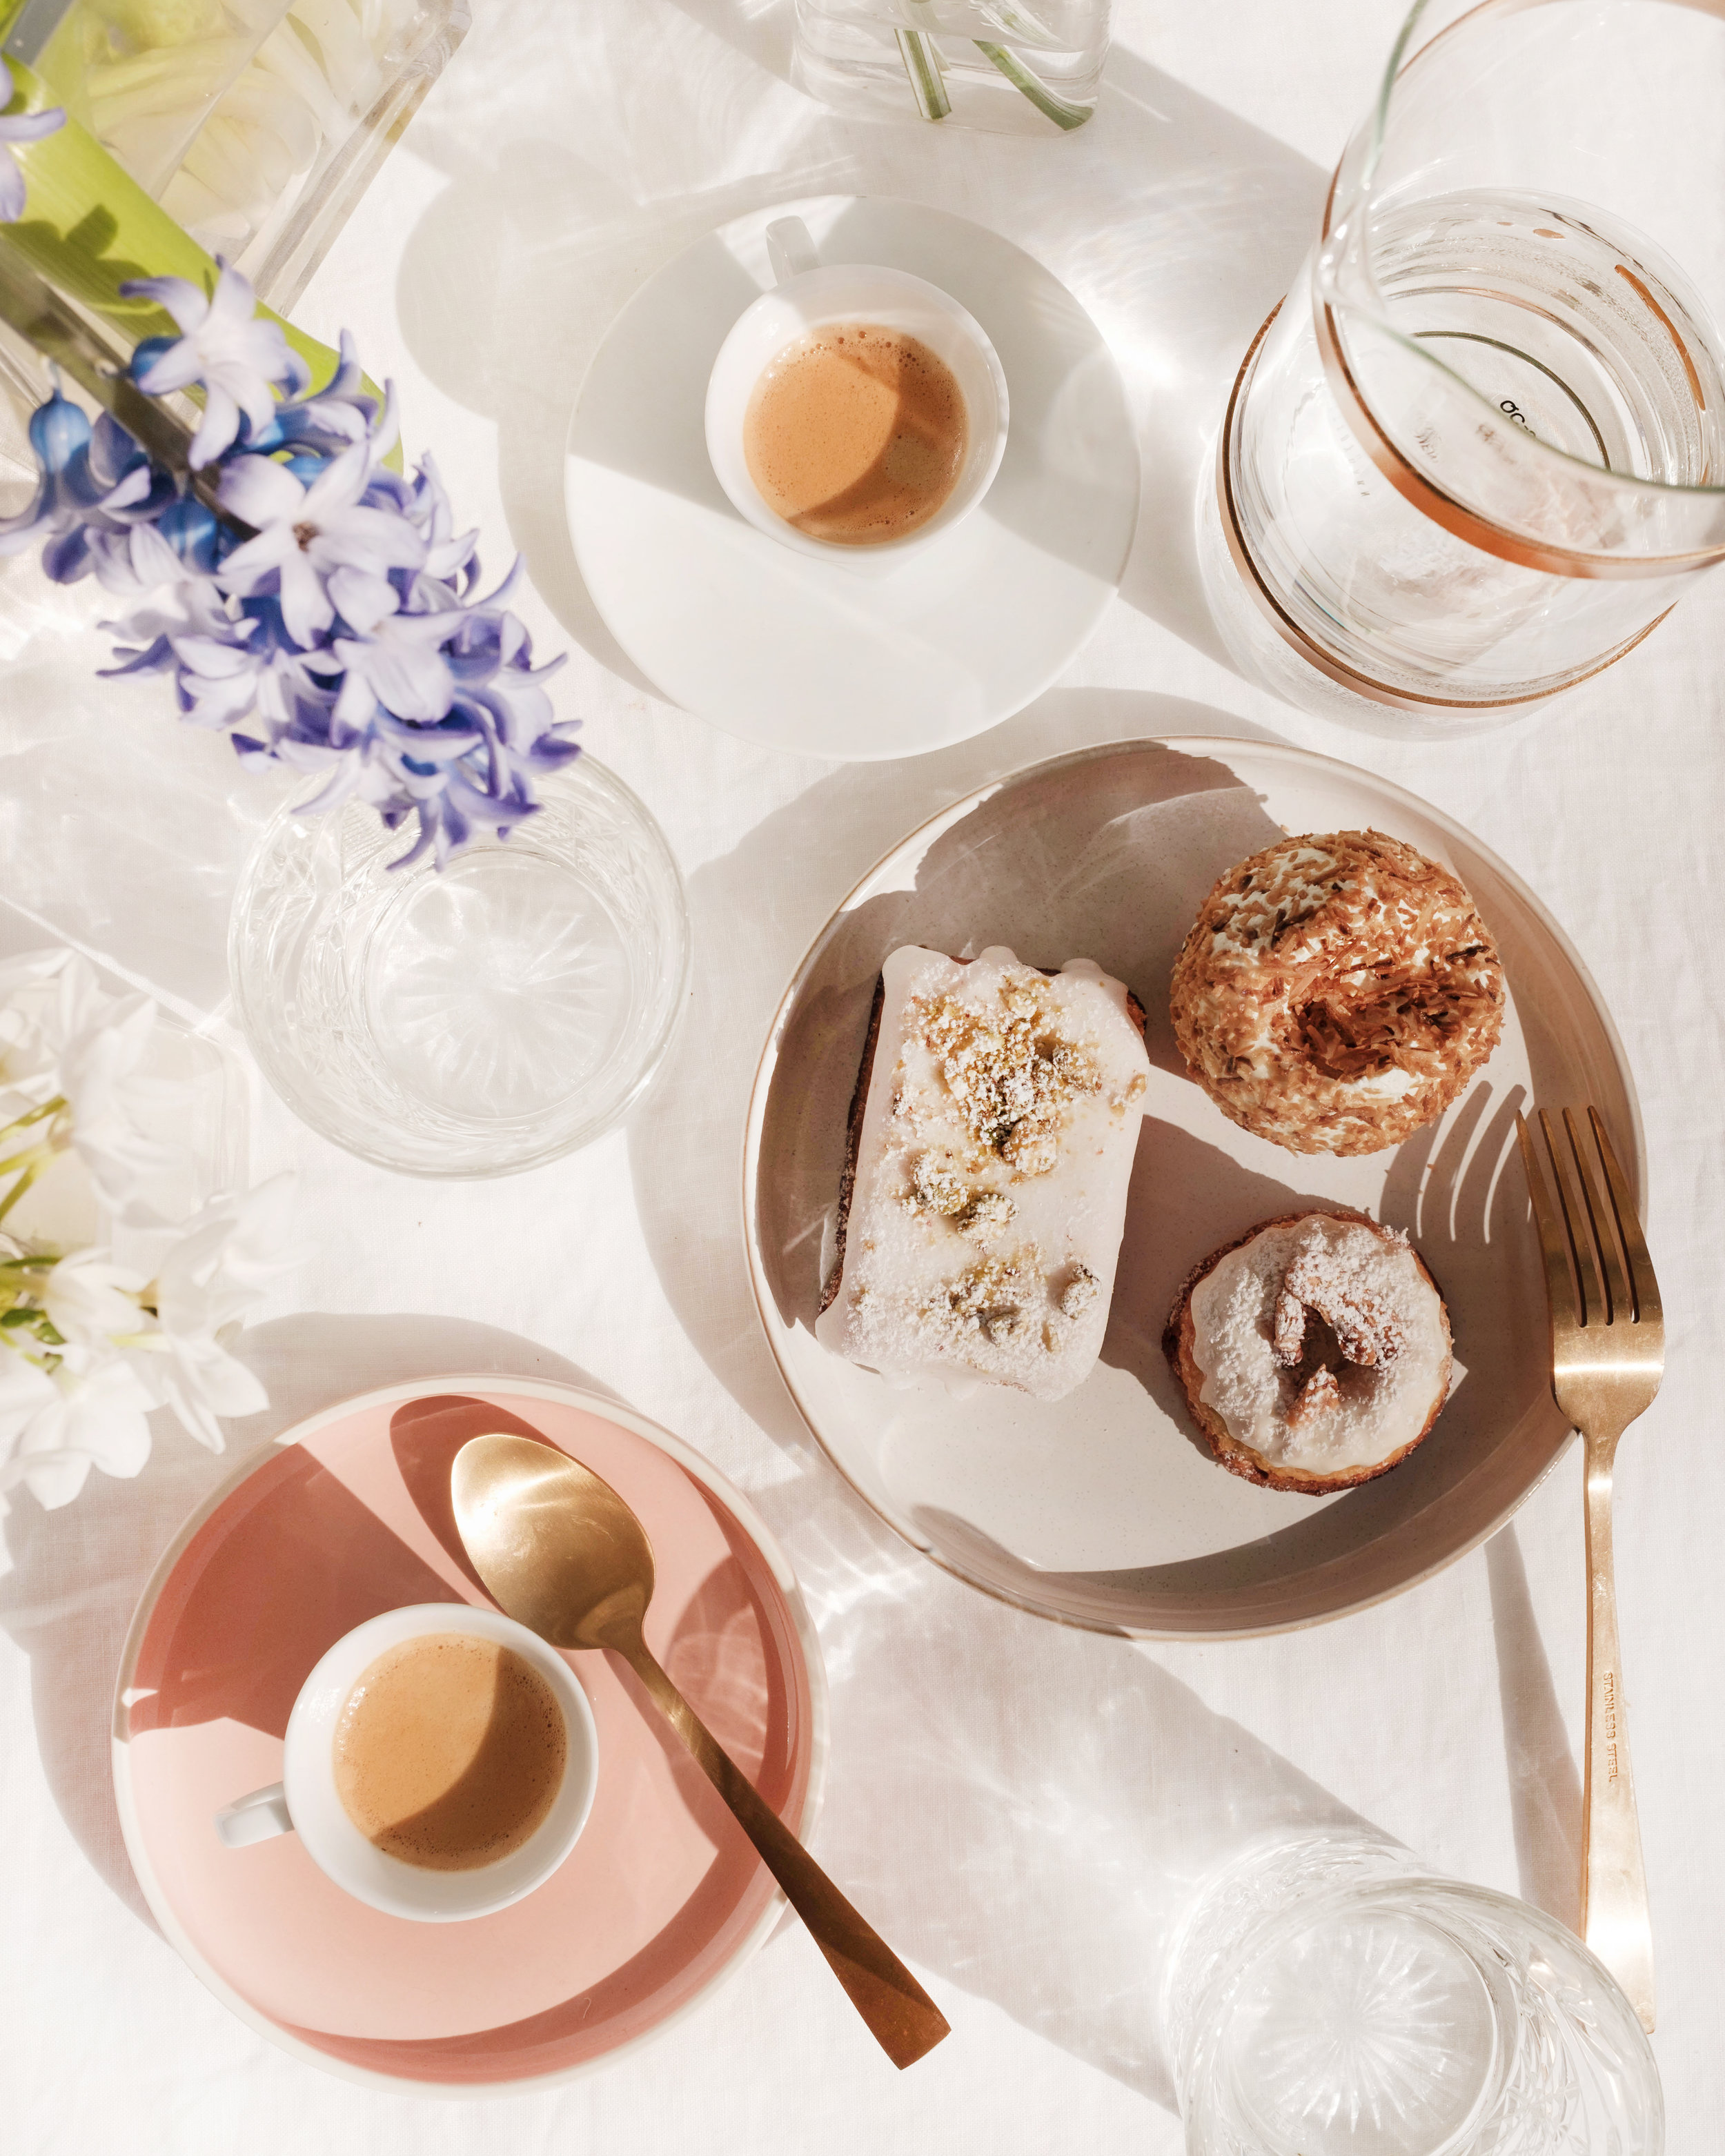 Botanica Jasmine cakes with coffee.jpg